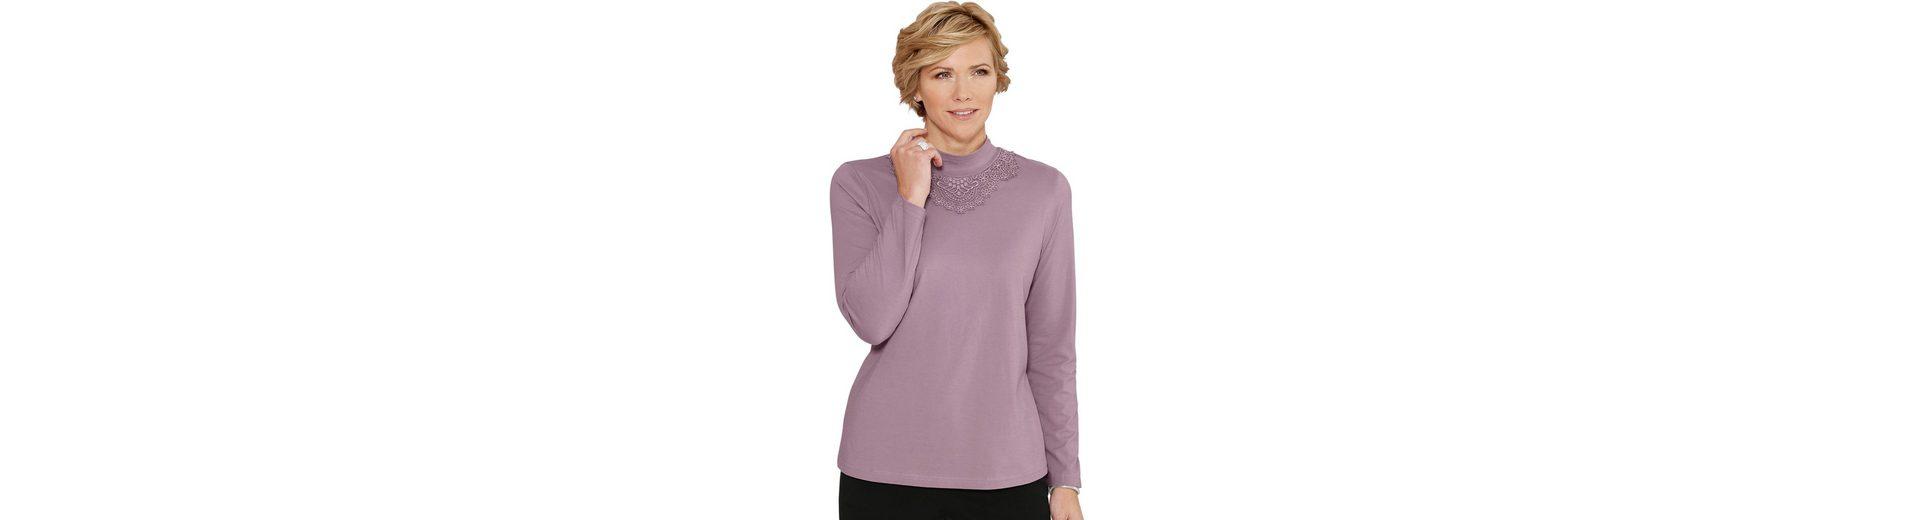 Classic Shirt mit aufwändiger Spitze Ebay Online Niedrige Versandgebühr Günstiger Preis Am Billigsten Guter Service 3chz5